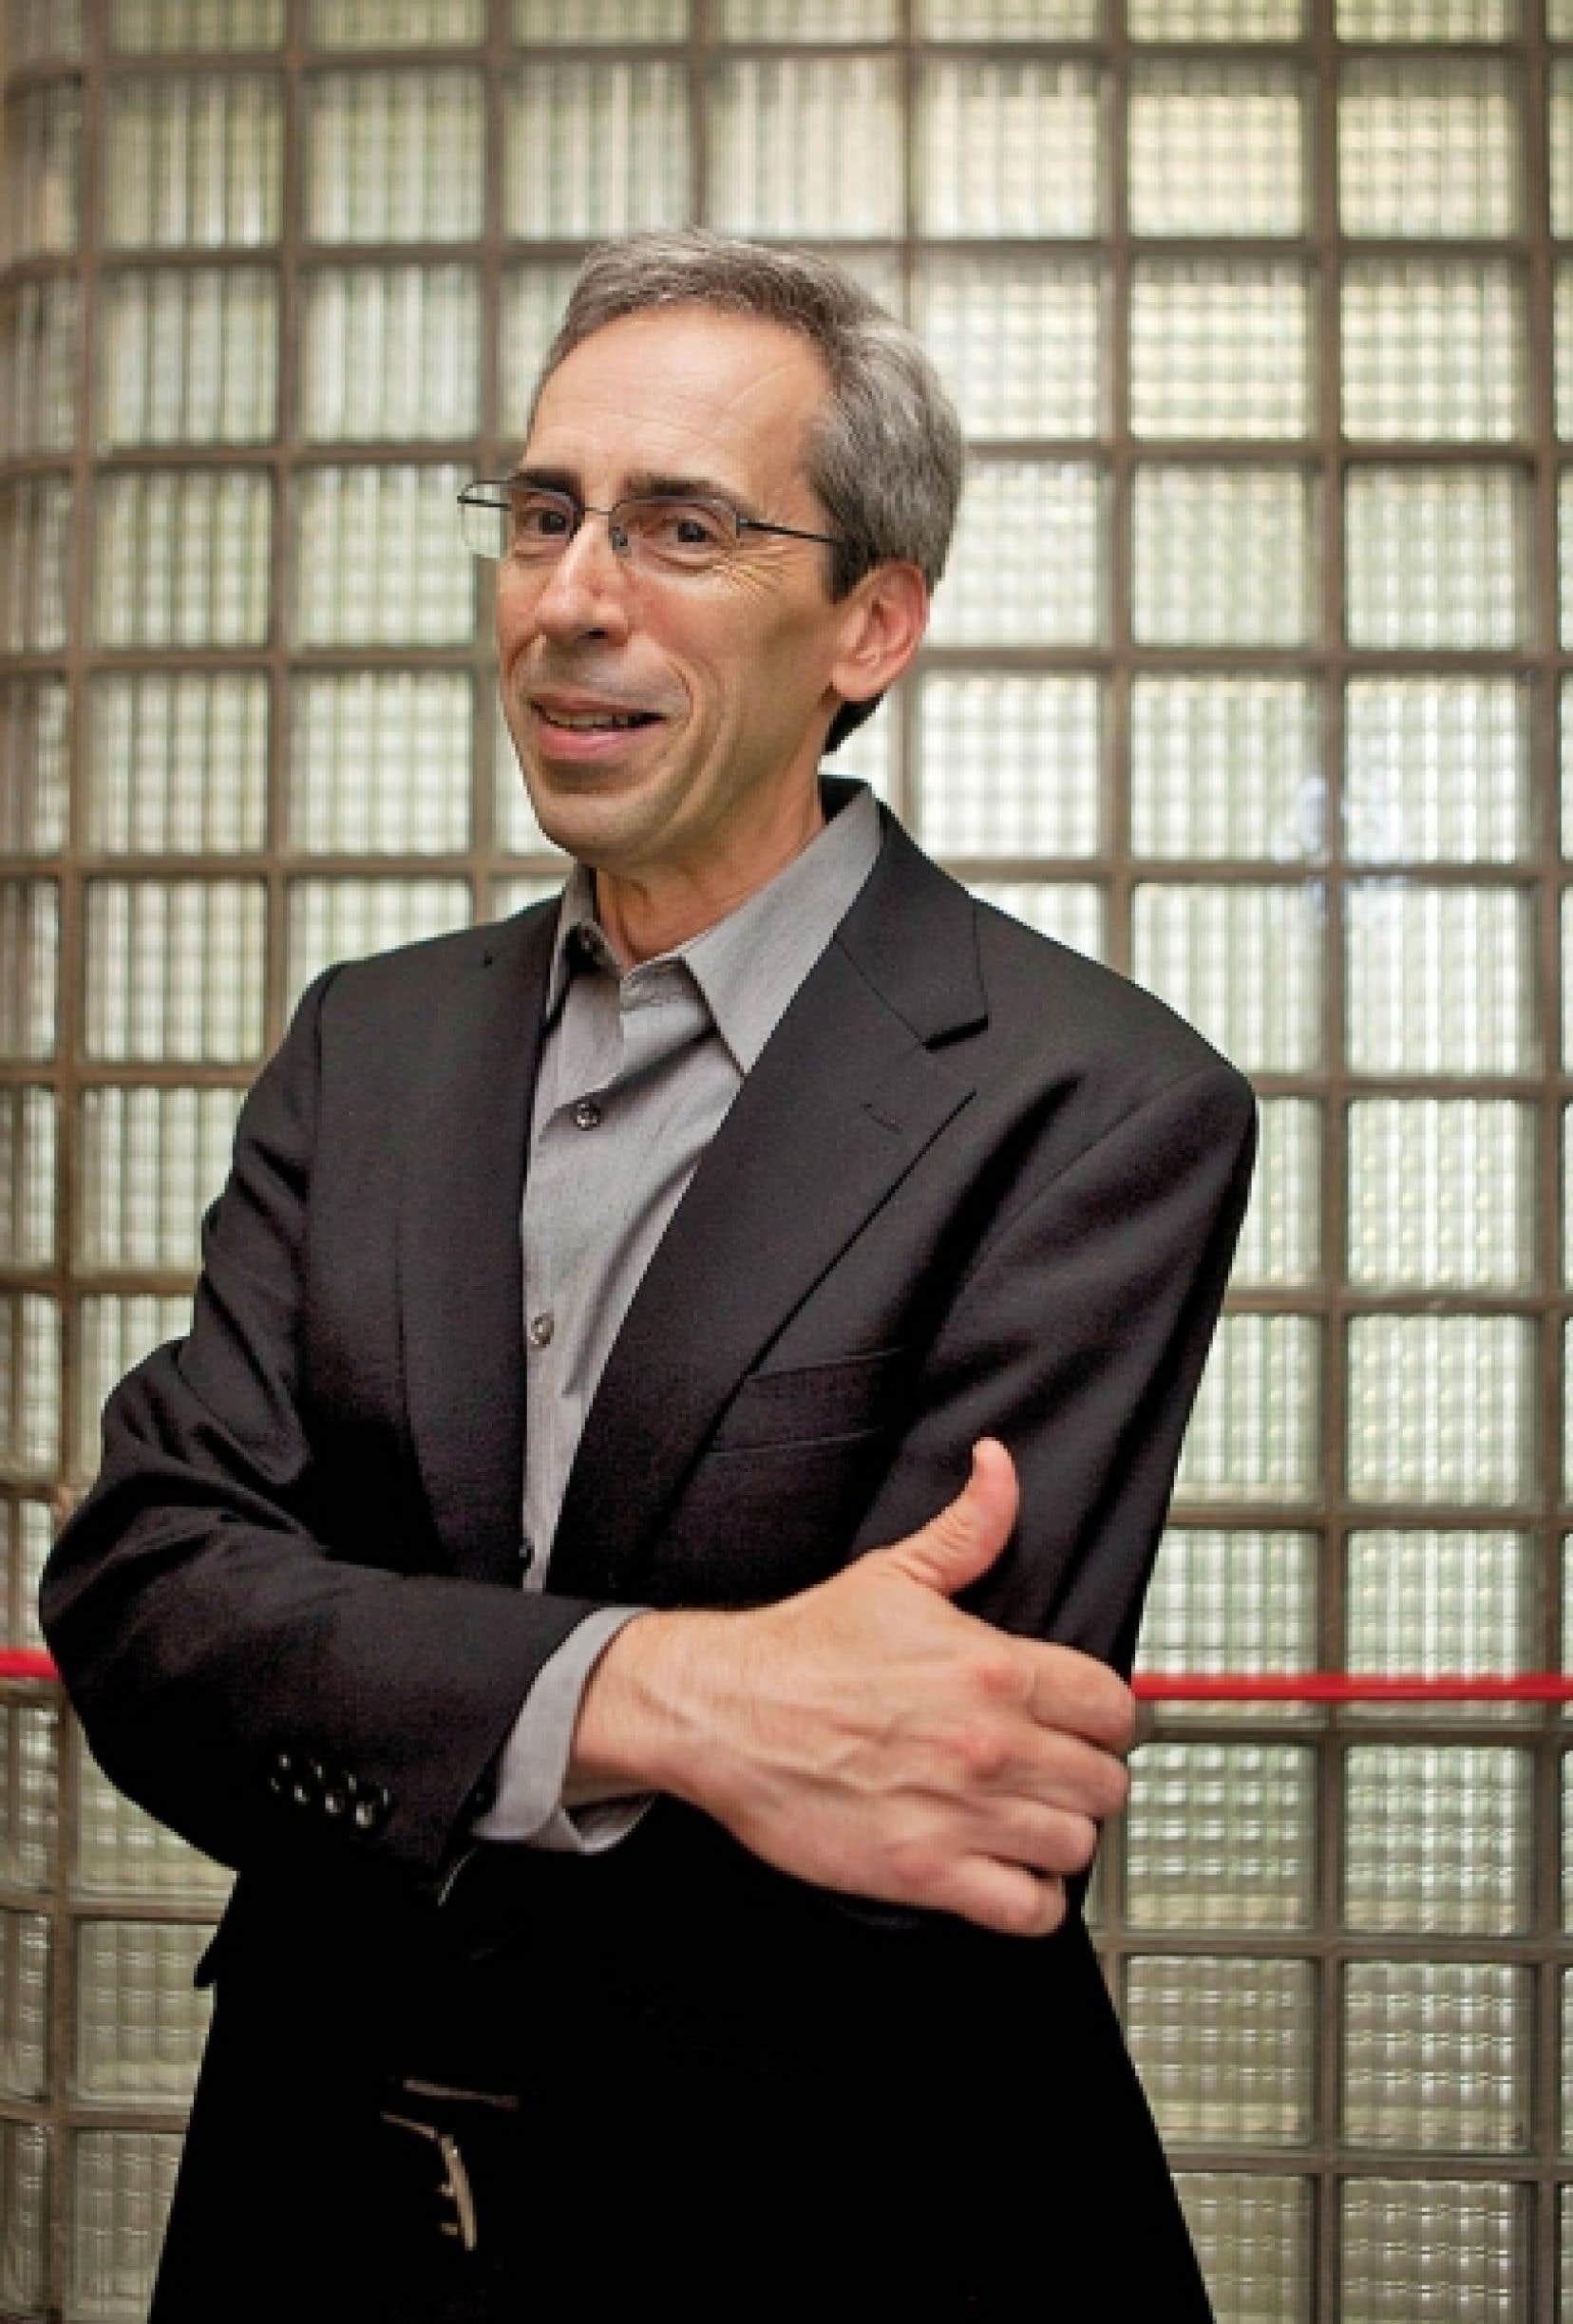 Michel Perreault, professeur de psychiatrie à l'Université McGill, est l'auteur de l'essai <em>Je ne suis pas une compagnie.</em><br />